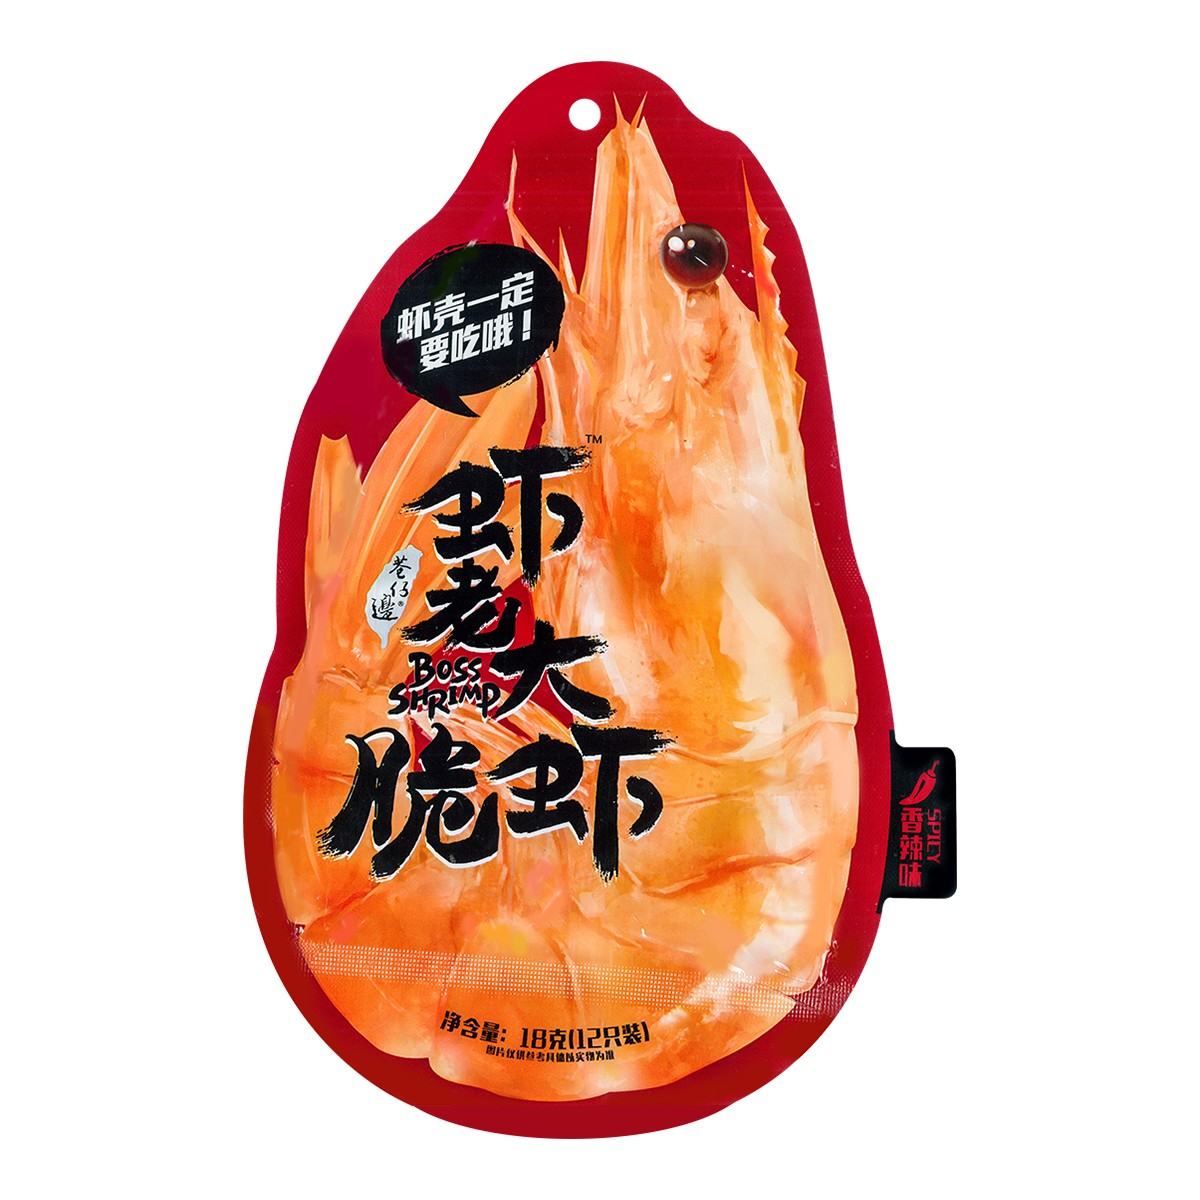 台湾巷仔边 虾老大脆虾 香辣味 12只装 18g